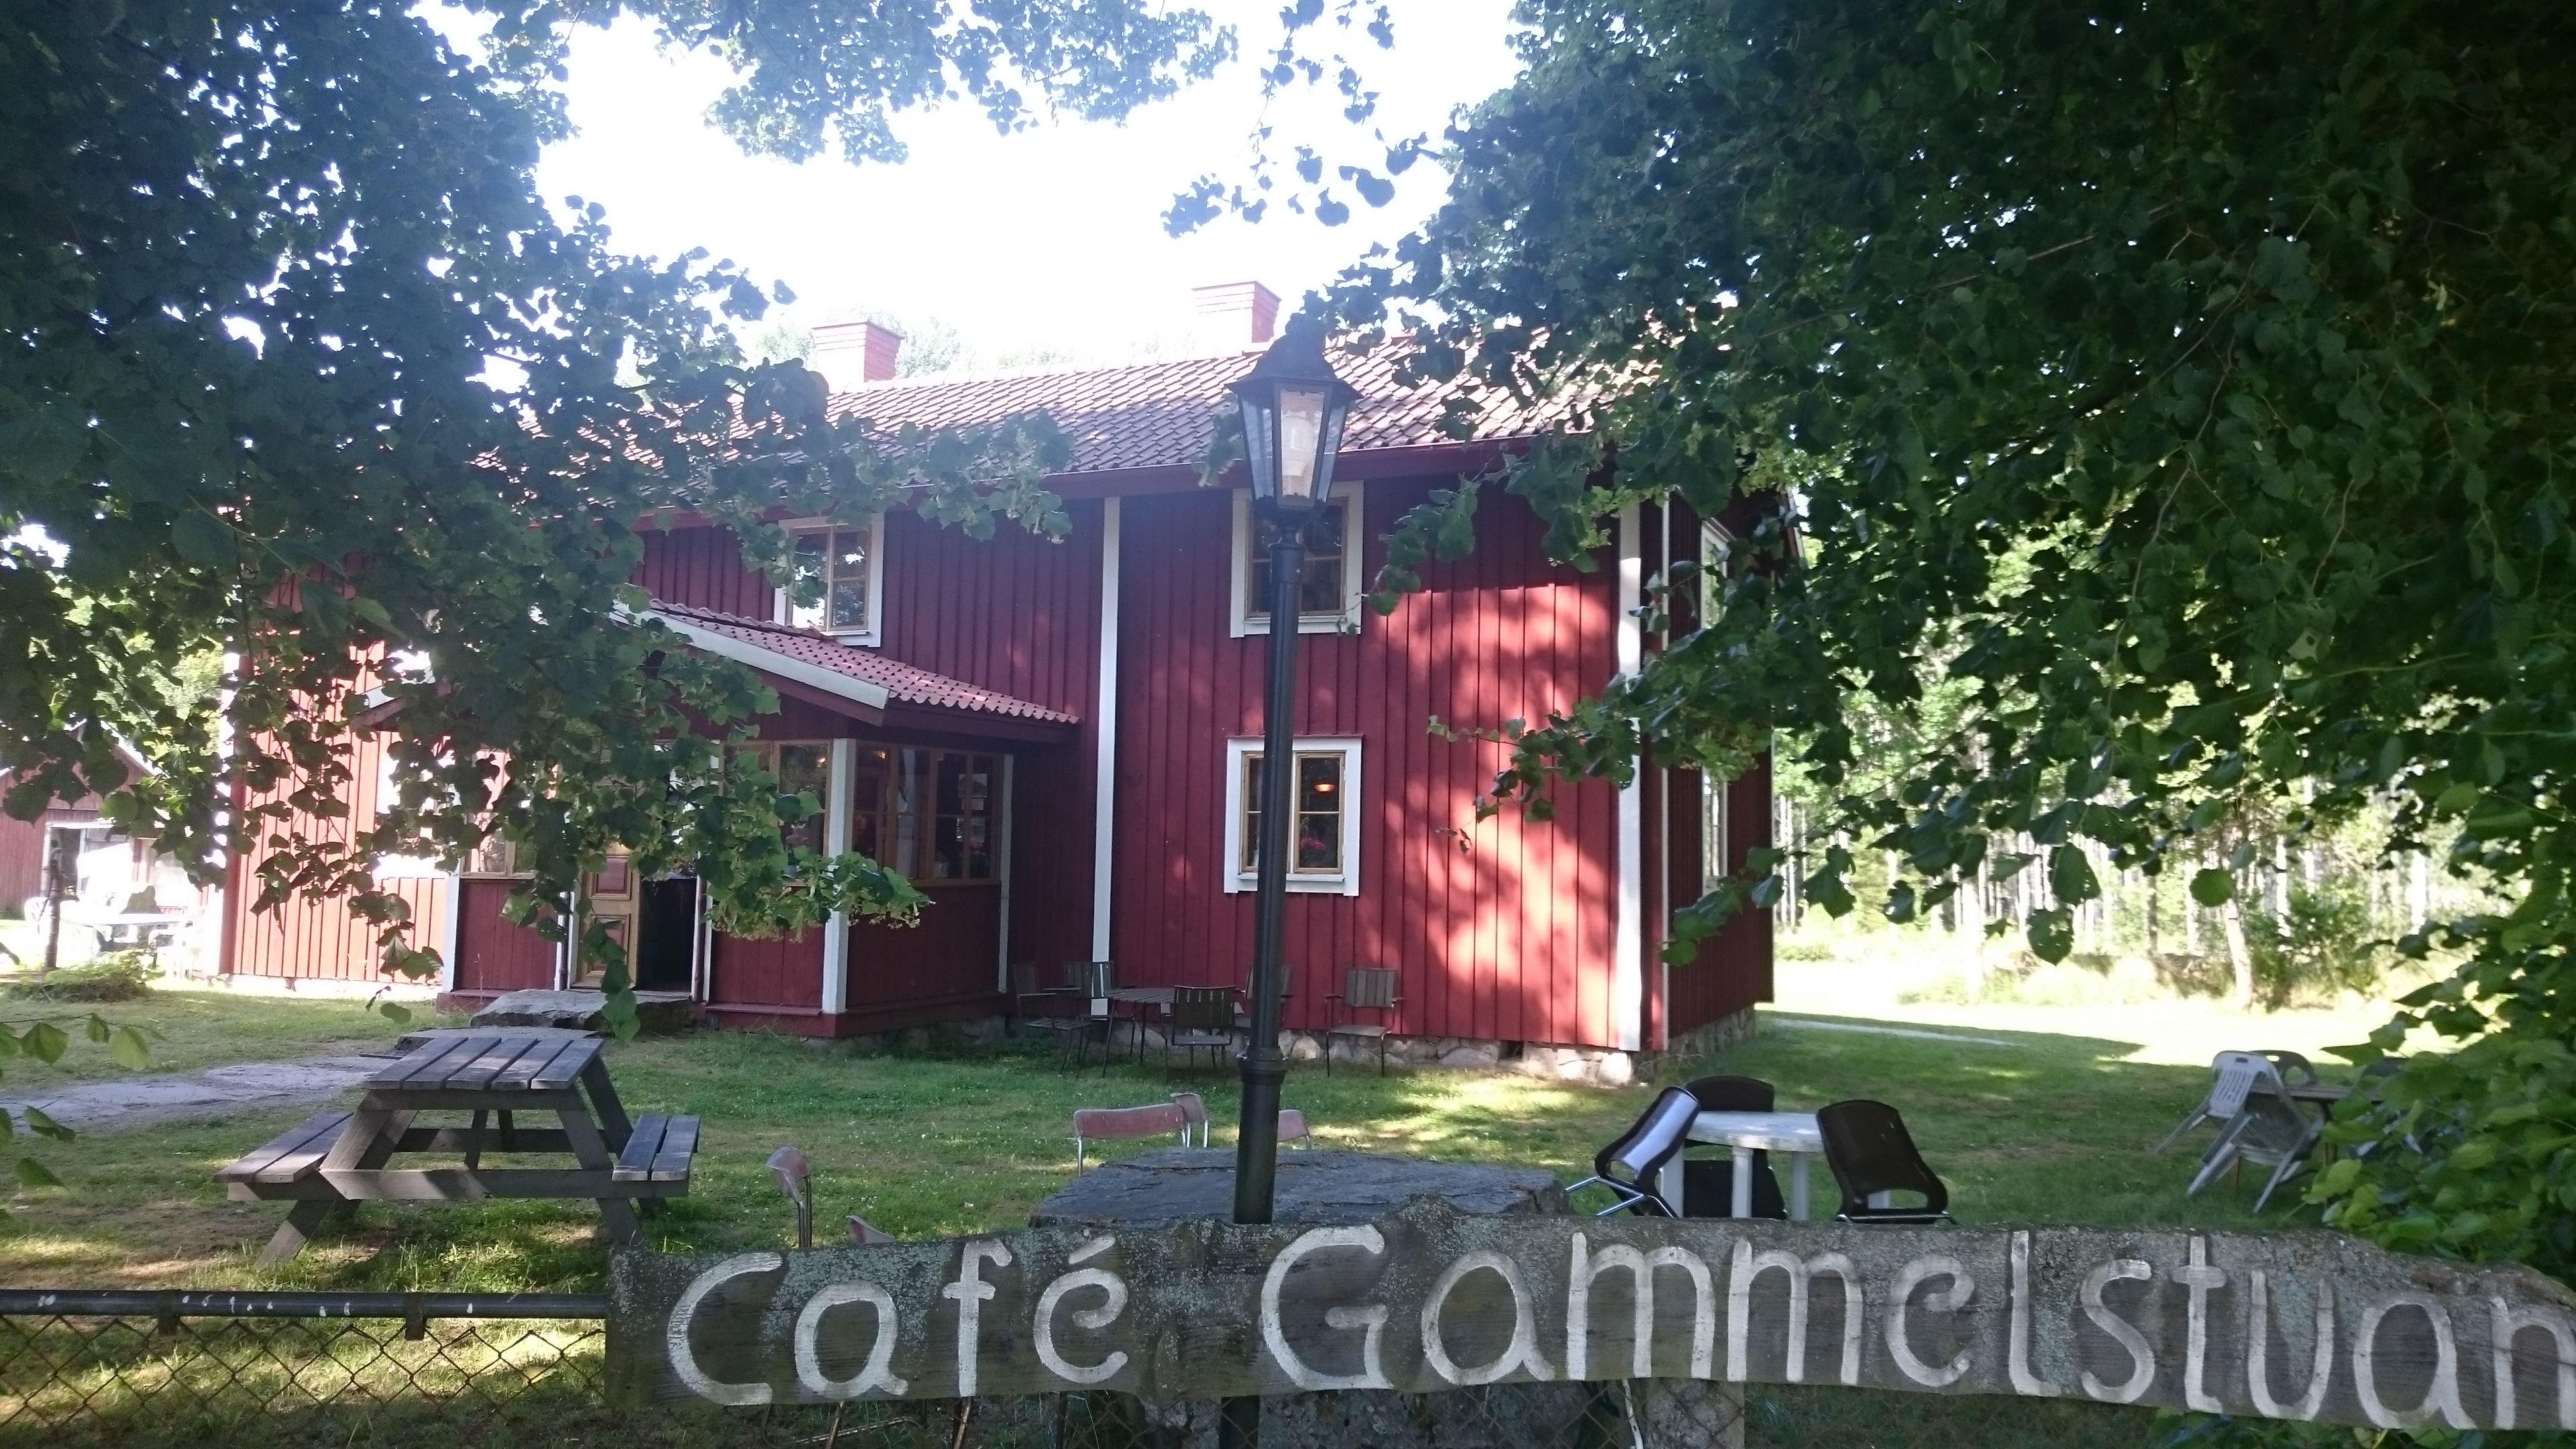 Café Gammelstuan